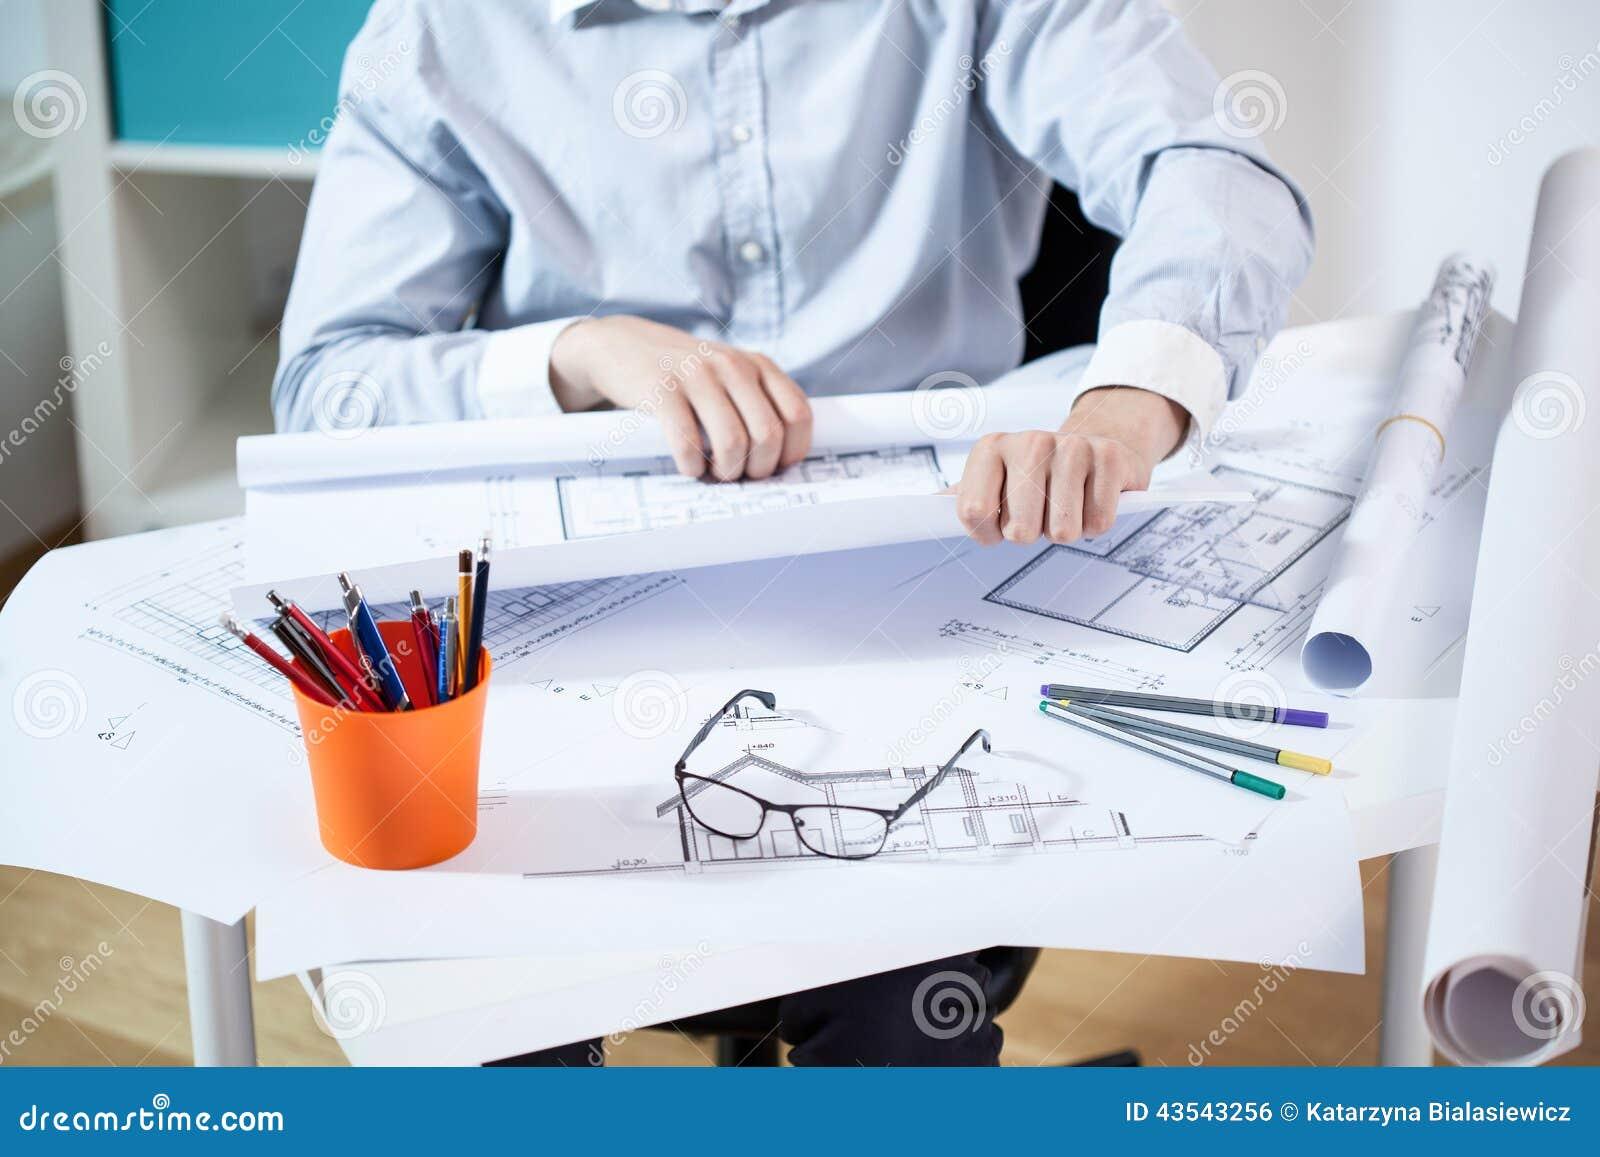 Mężczyzna pracuje w architektonicznym biurze